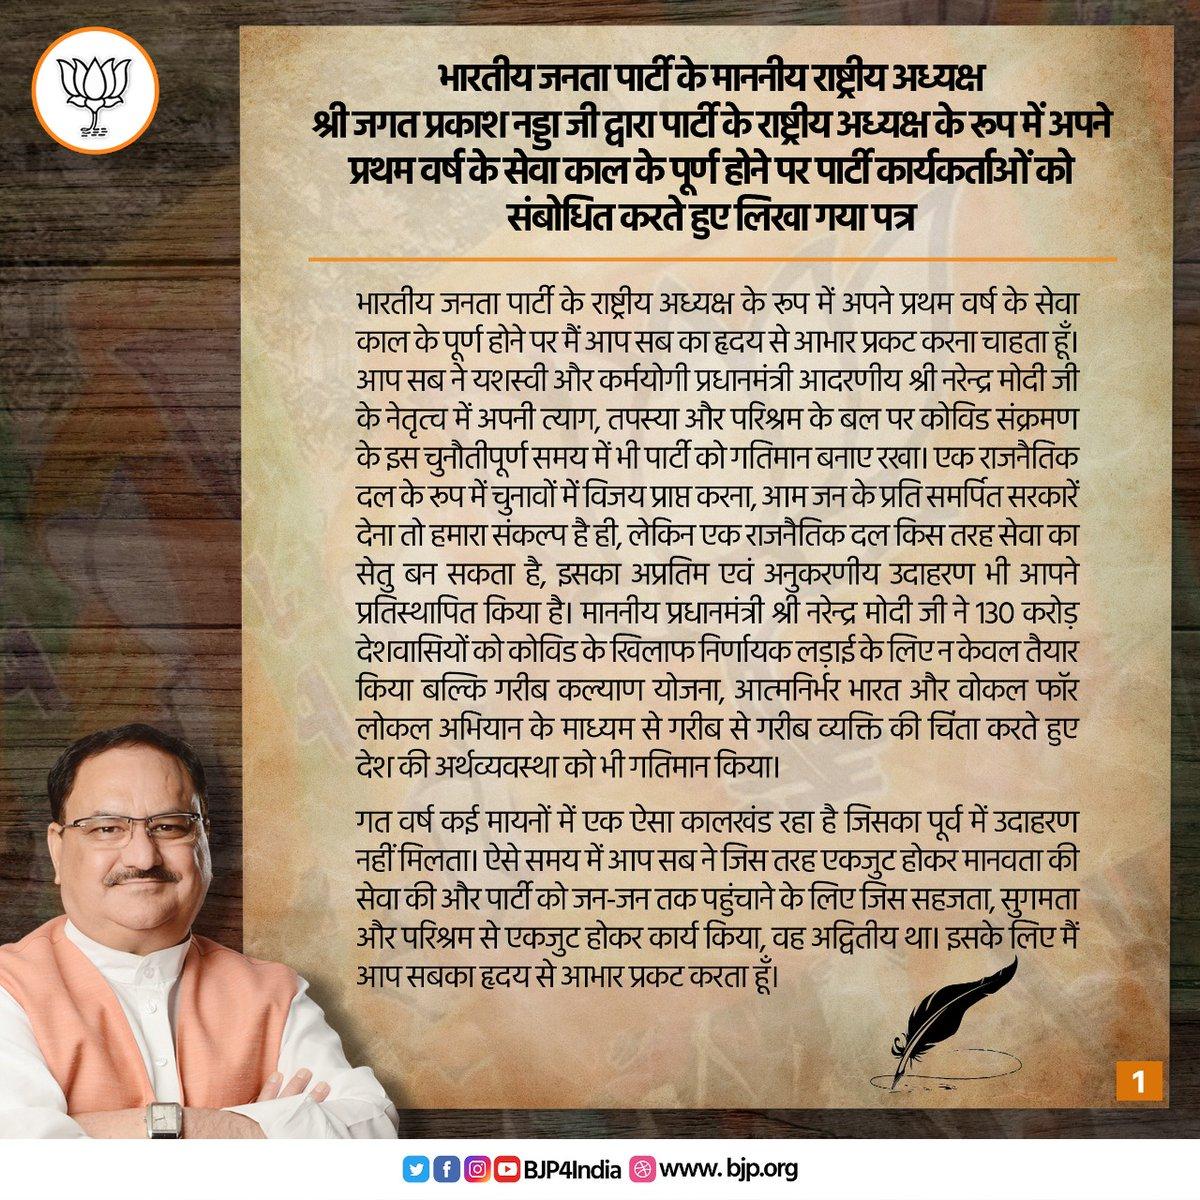 भारतीय जनता पार्टी के माननीय राष्ट्रीय अध्यक्ष श्री @JPNadda जी द्वारा पार्टी के राष्ट्रीय अध्यक्ष के रूप में अपने प्रथम वर्ष के सेवा काल के पूर्ण होने पर पार्टी कार्यकर्ताओं को संबोधित करते हुए लिखा गया पत्र।